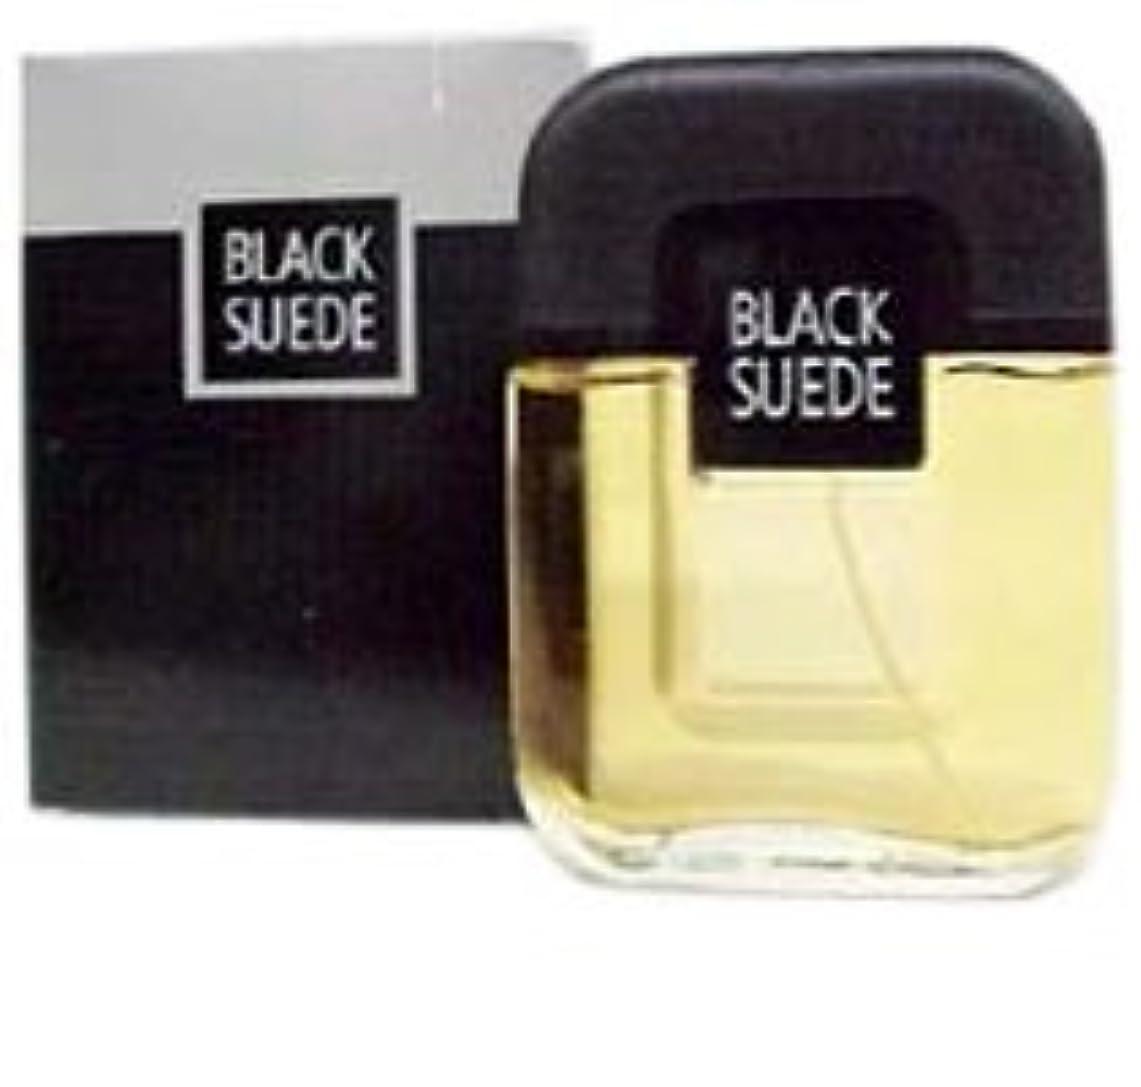 に対応好ましい債権者Black Suede (ブラックスエード) 3.4 oz (100ml) COL Spray by Avon for Men